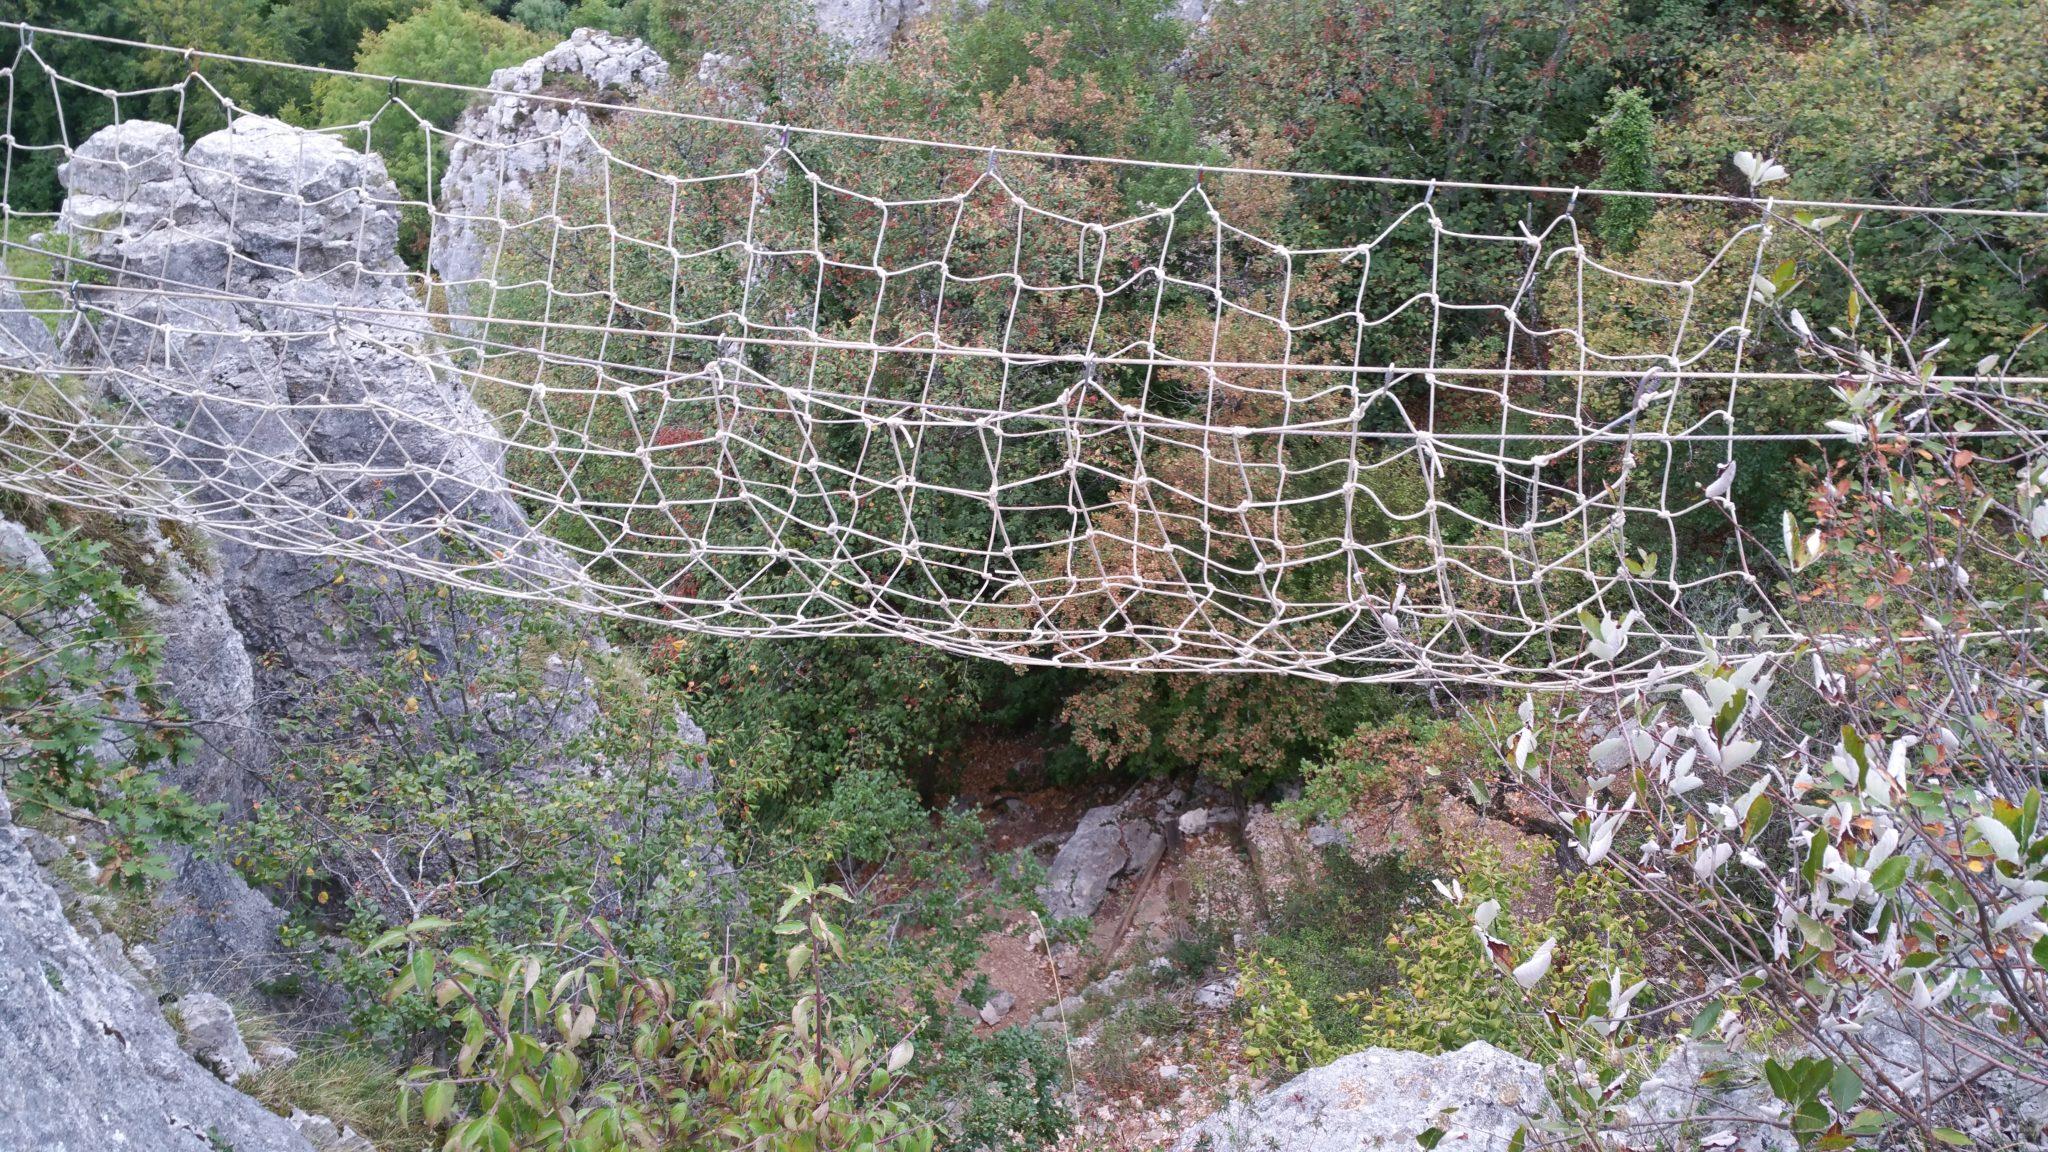 <p>Construction d'un pont en filet en équipe suffisamment solide pour passer d'une falaise à une autre (en totale sécurité bien sûr)</p>